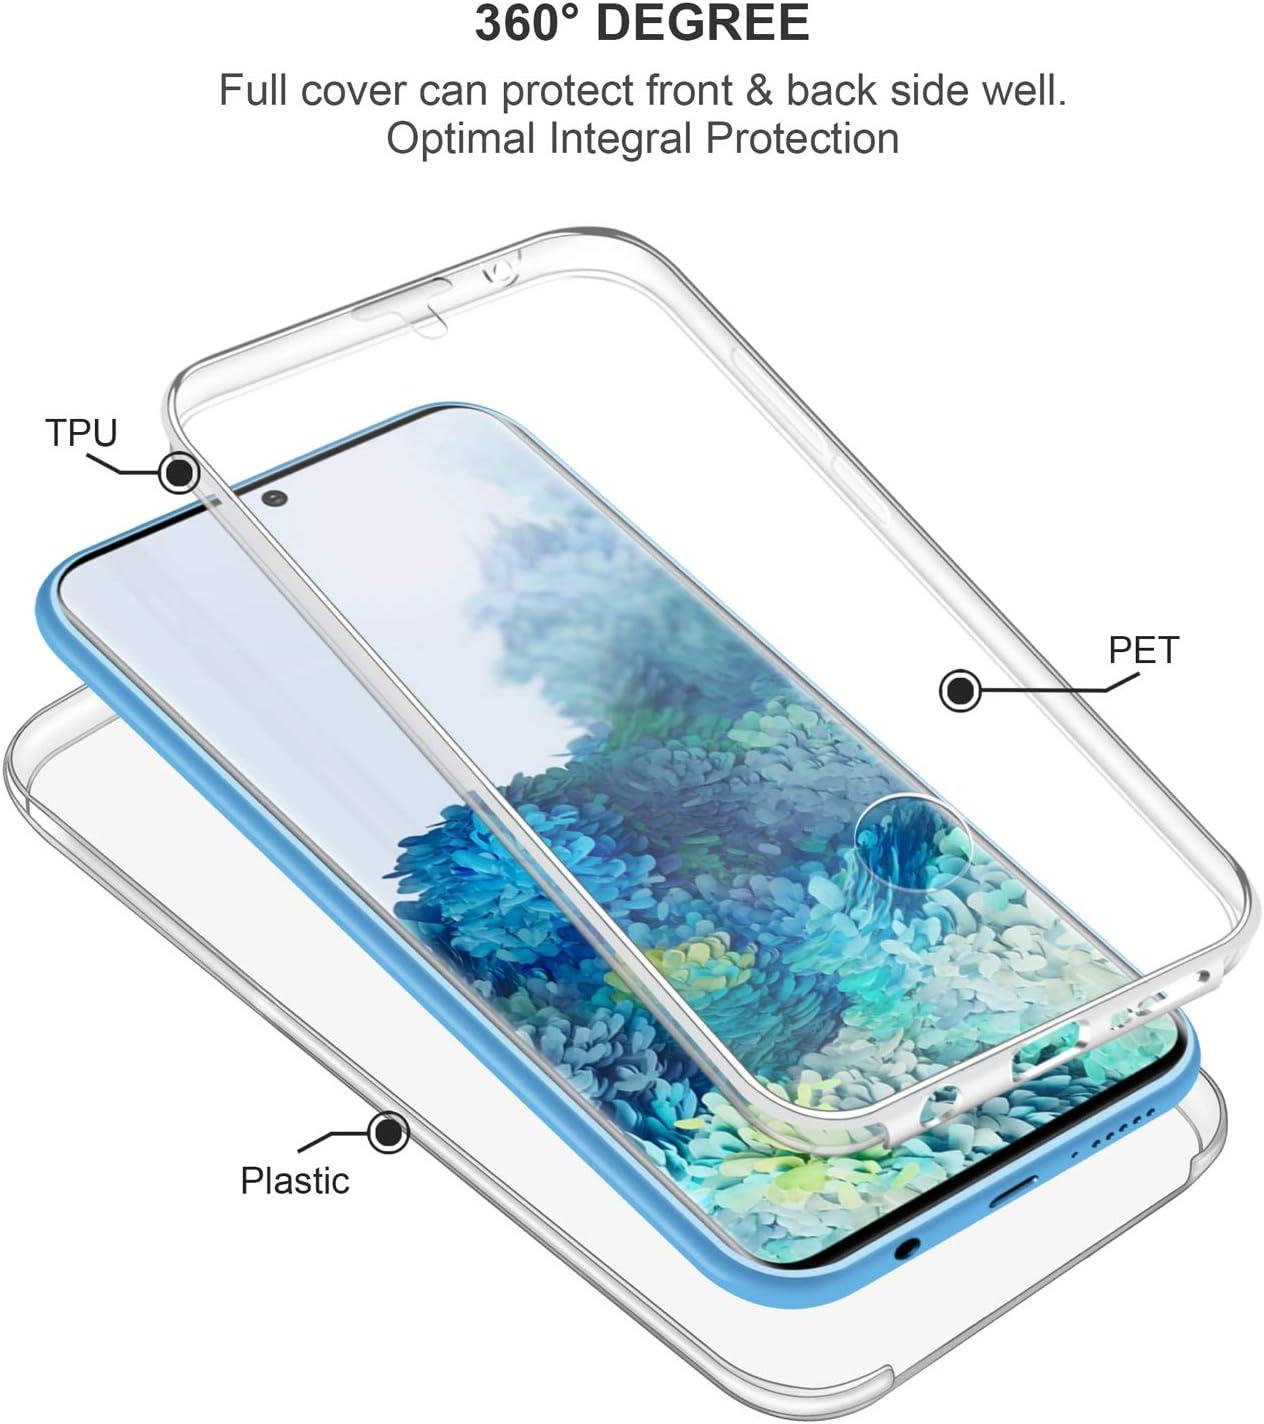 WeiCase Coque Compatible avec Samsung Galaxy S20 FE,Silicone Case Cha/îne de T/él/éphone /à lani/ère R/églable Coque avec Cordon Antichoc Cover avec Samsung Galaxy S20 FE